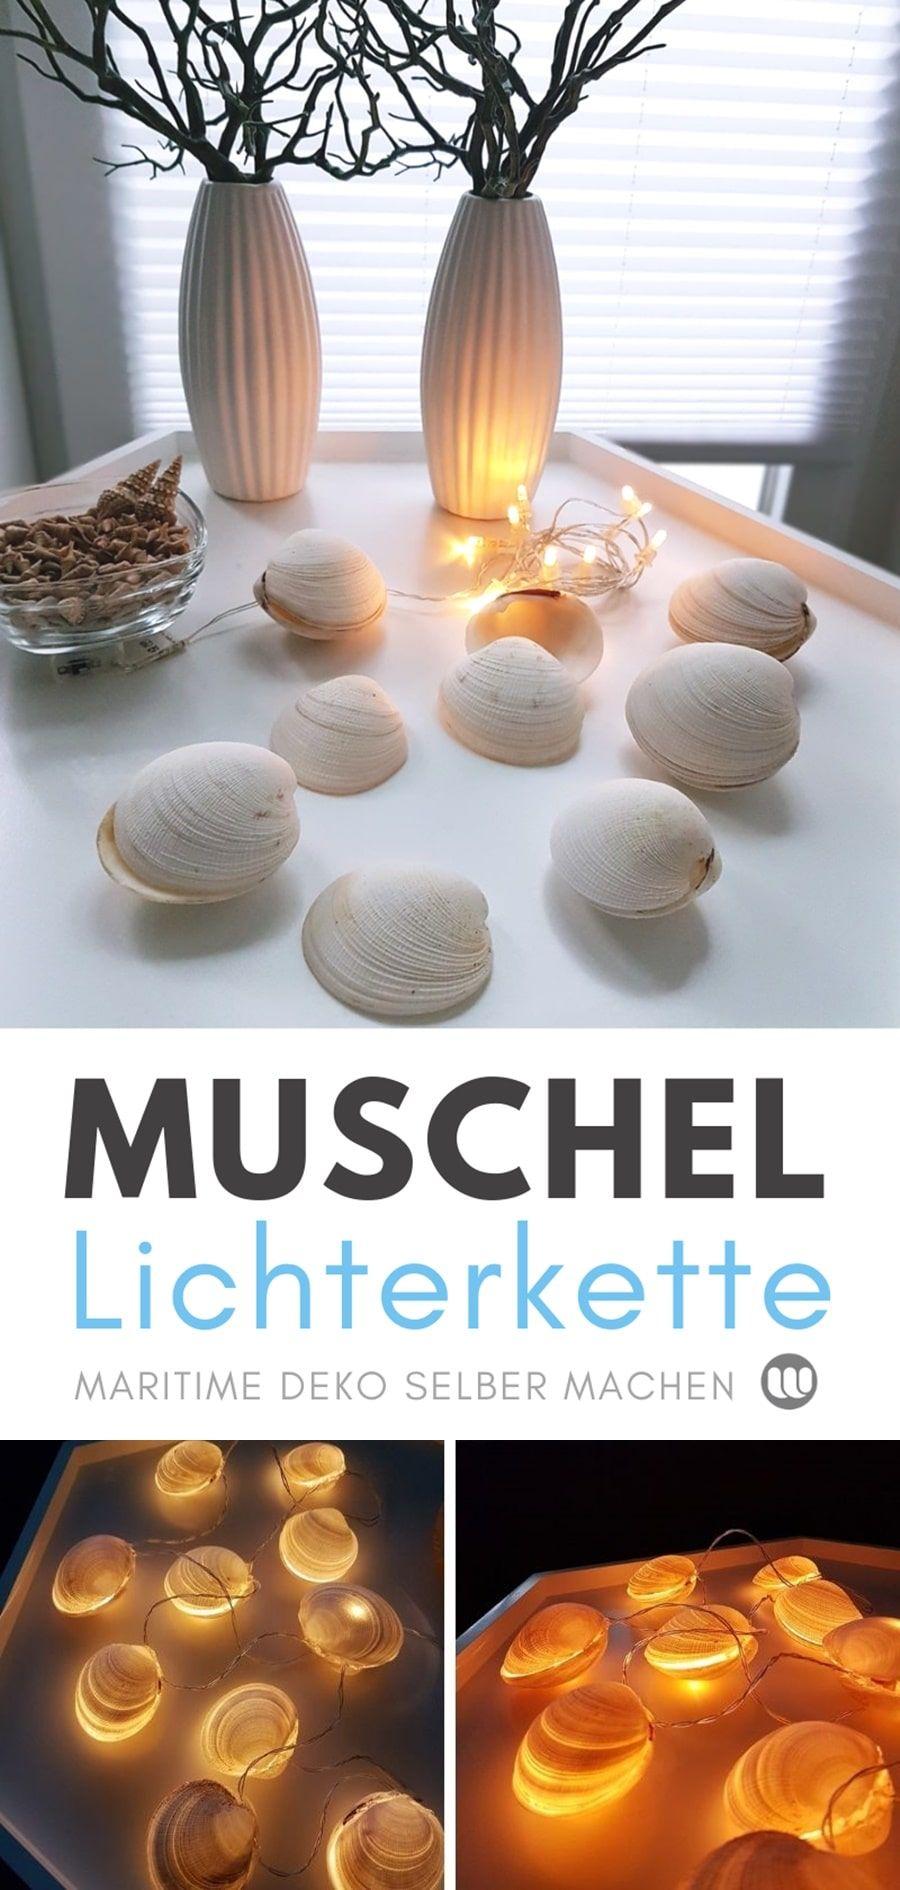 Maritime Muschel-Lichterkette: 2 Bastelideen mit Muscheln